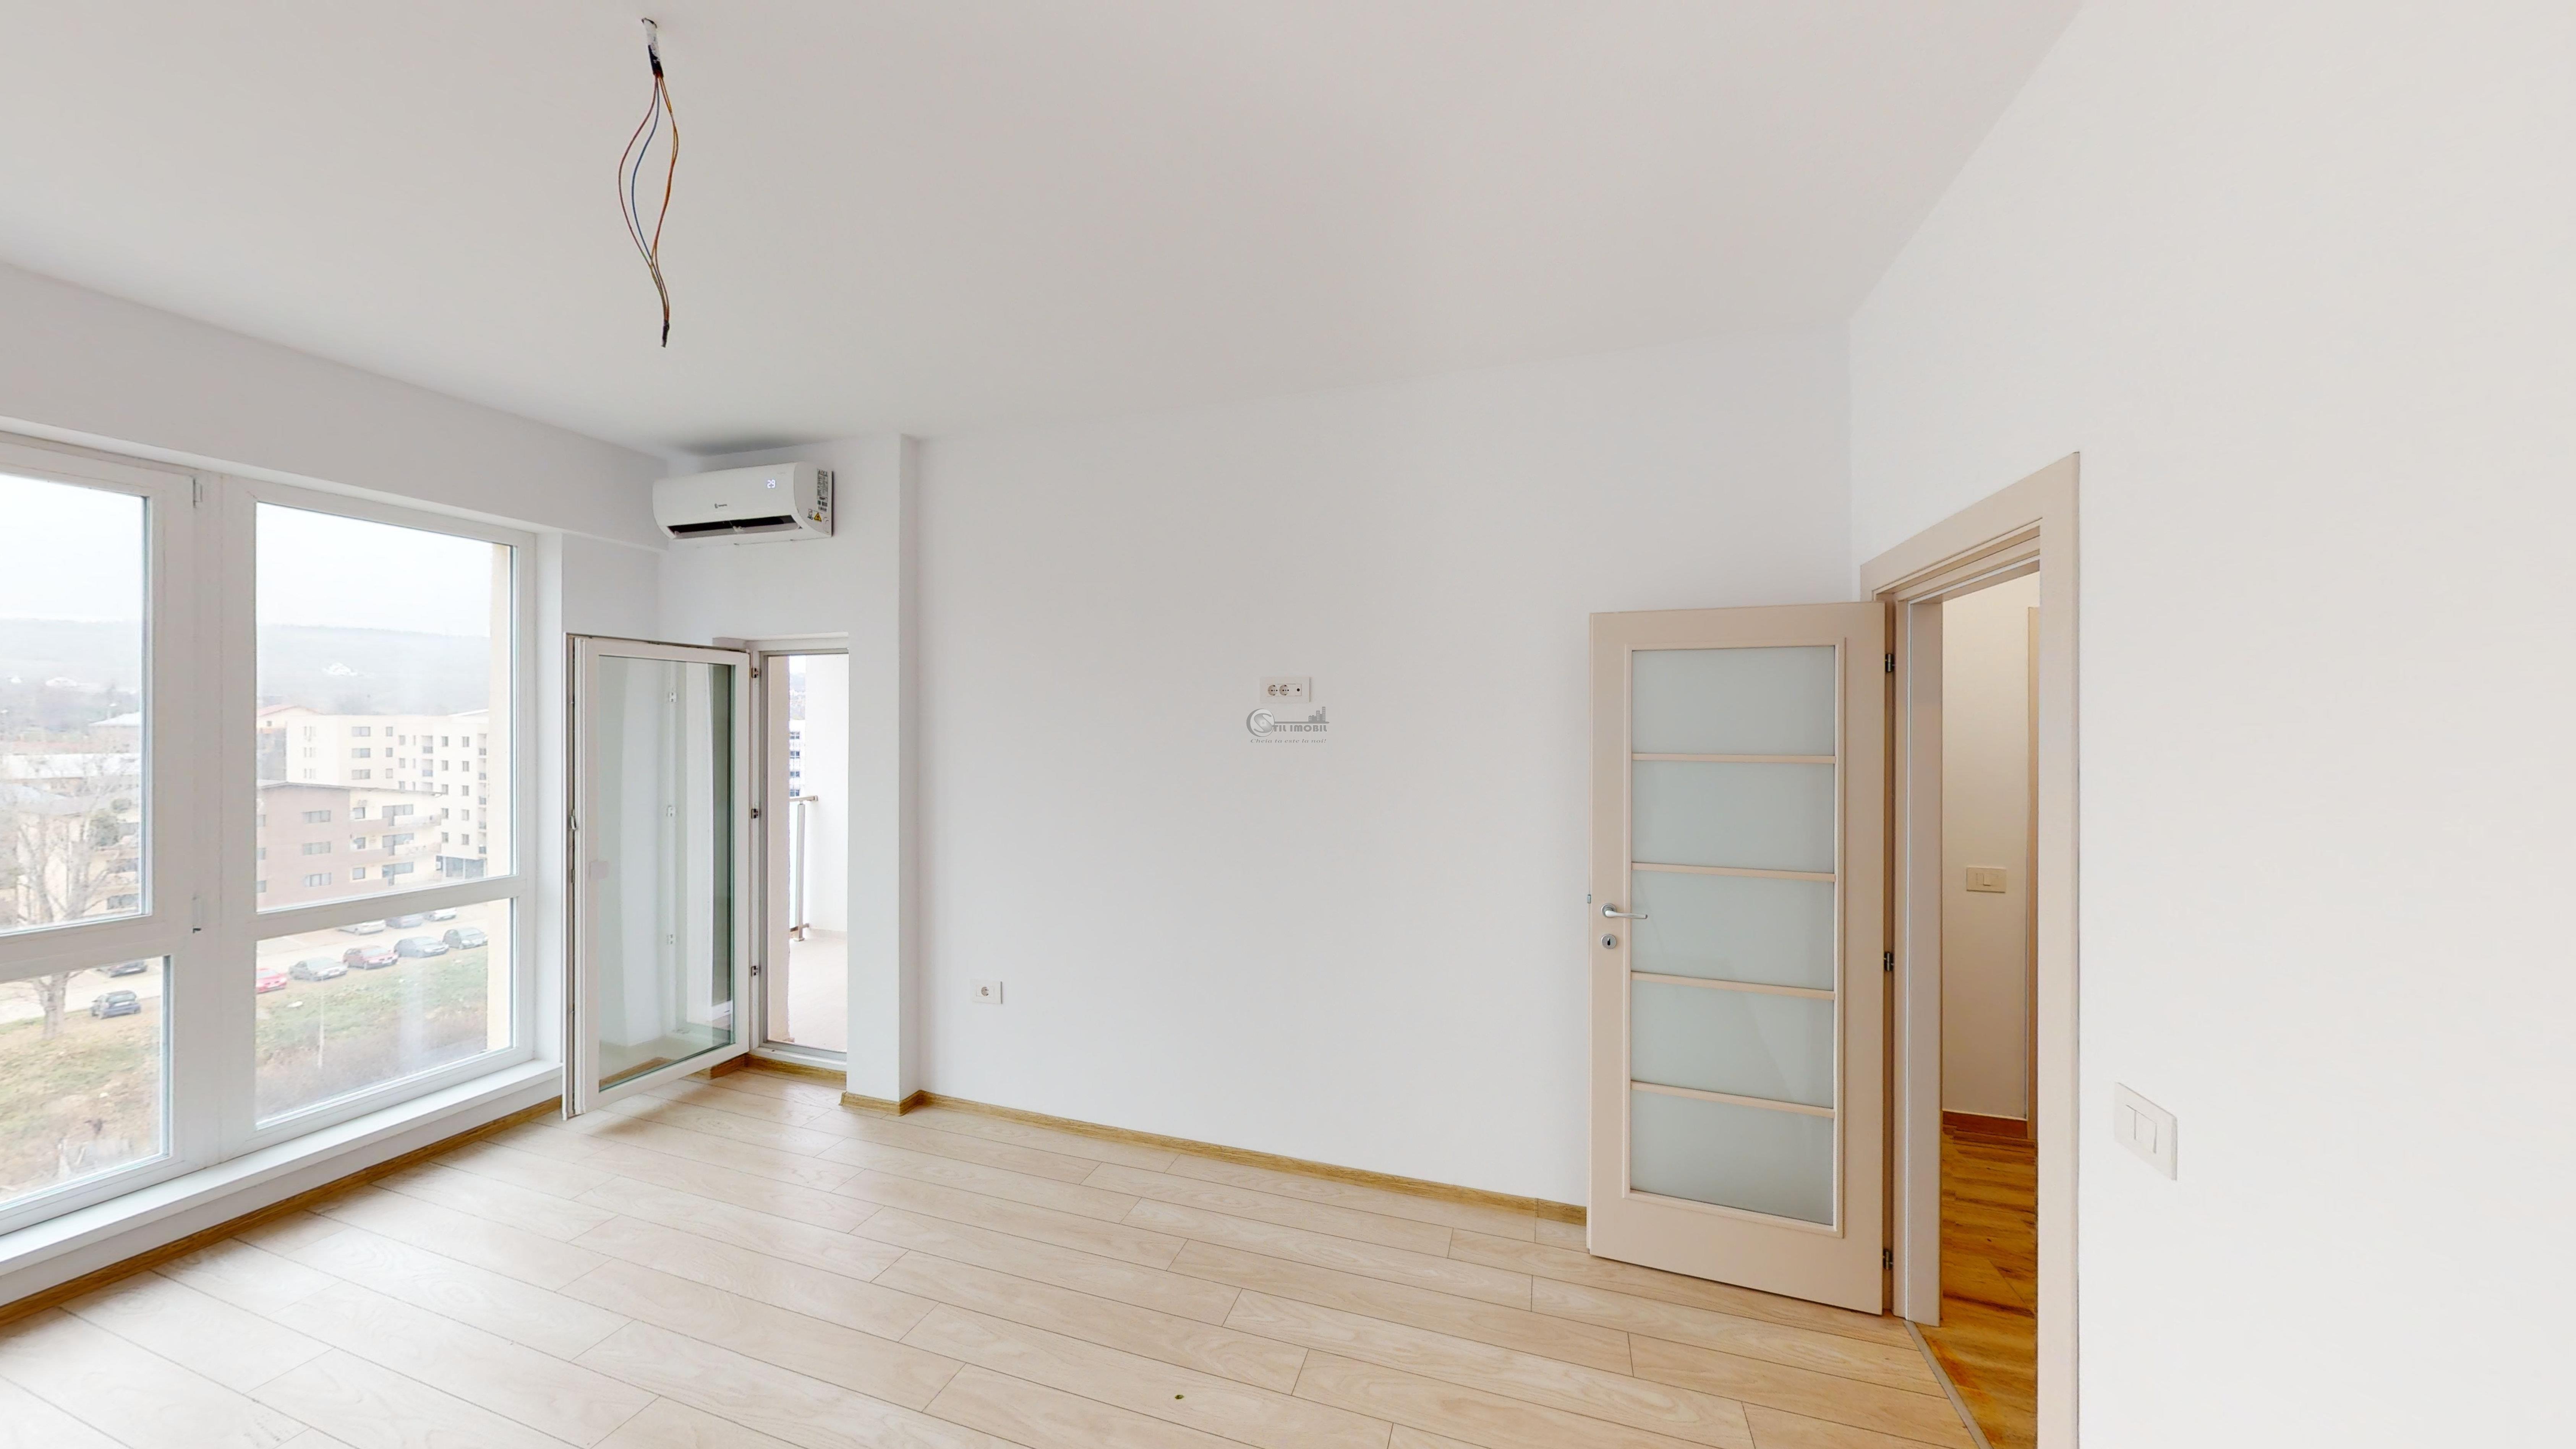 Apartament o camera, decomandat, 38 mp, Bucium, 50.000 euro